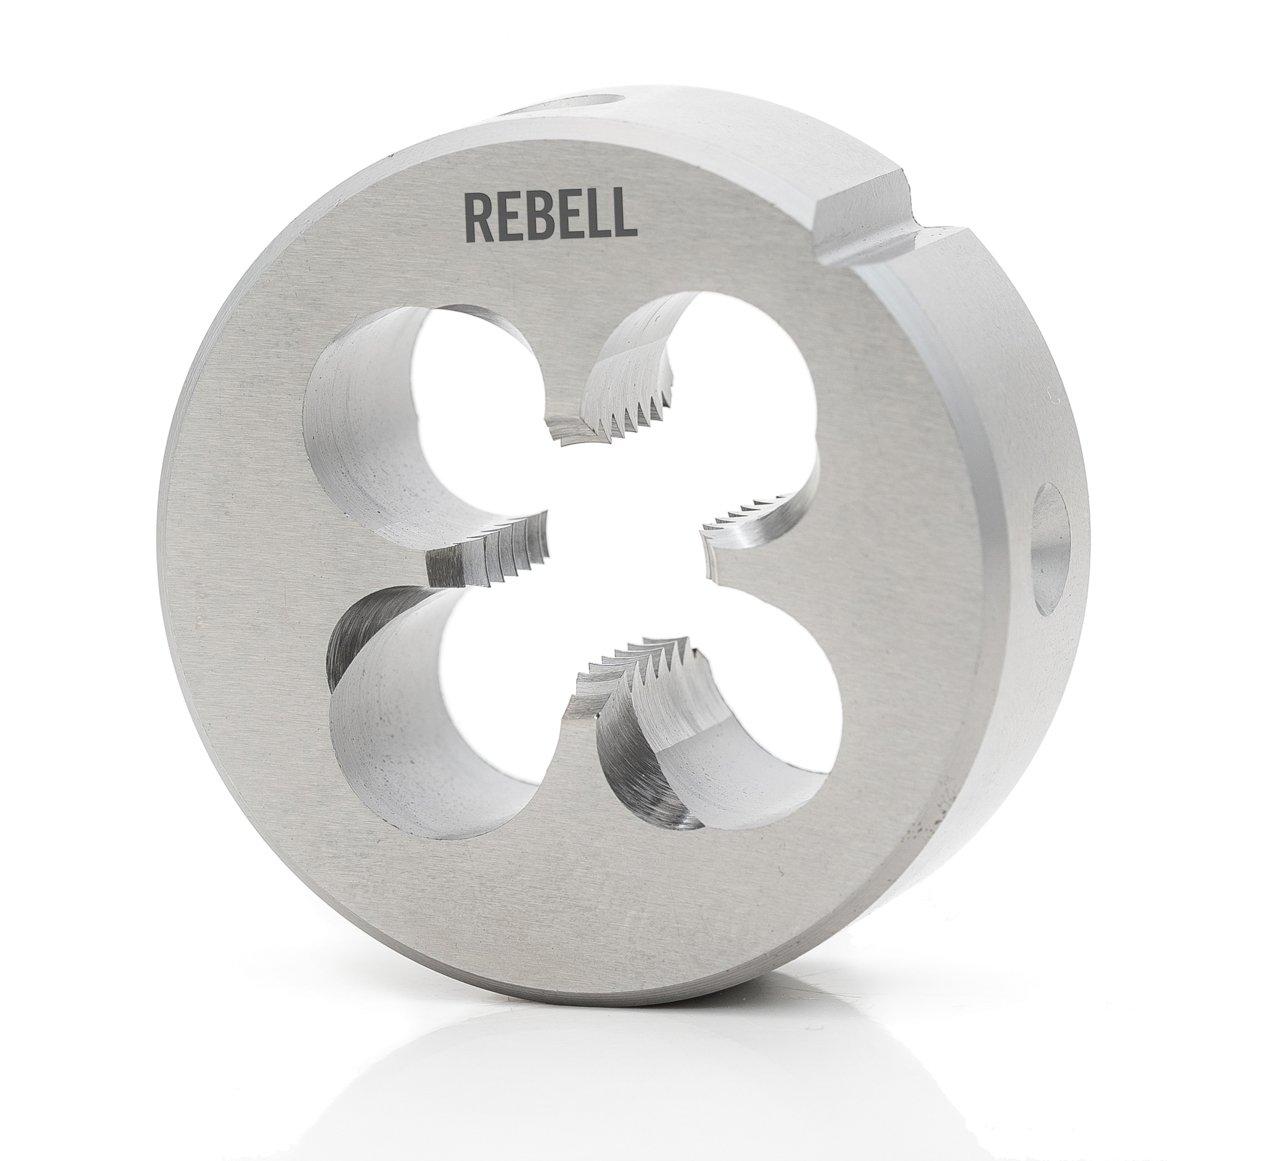 REBELL Schneideisen BSF RH medium HSS geläppt mit Schälanschnitt - EN 22568 - Typ N